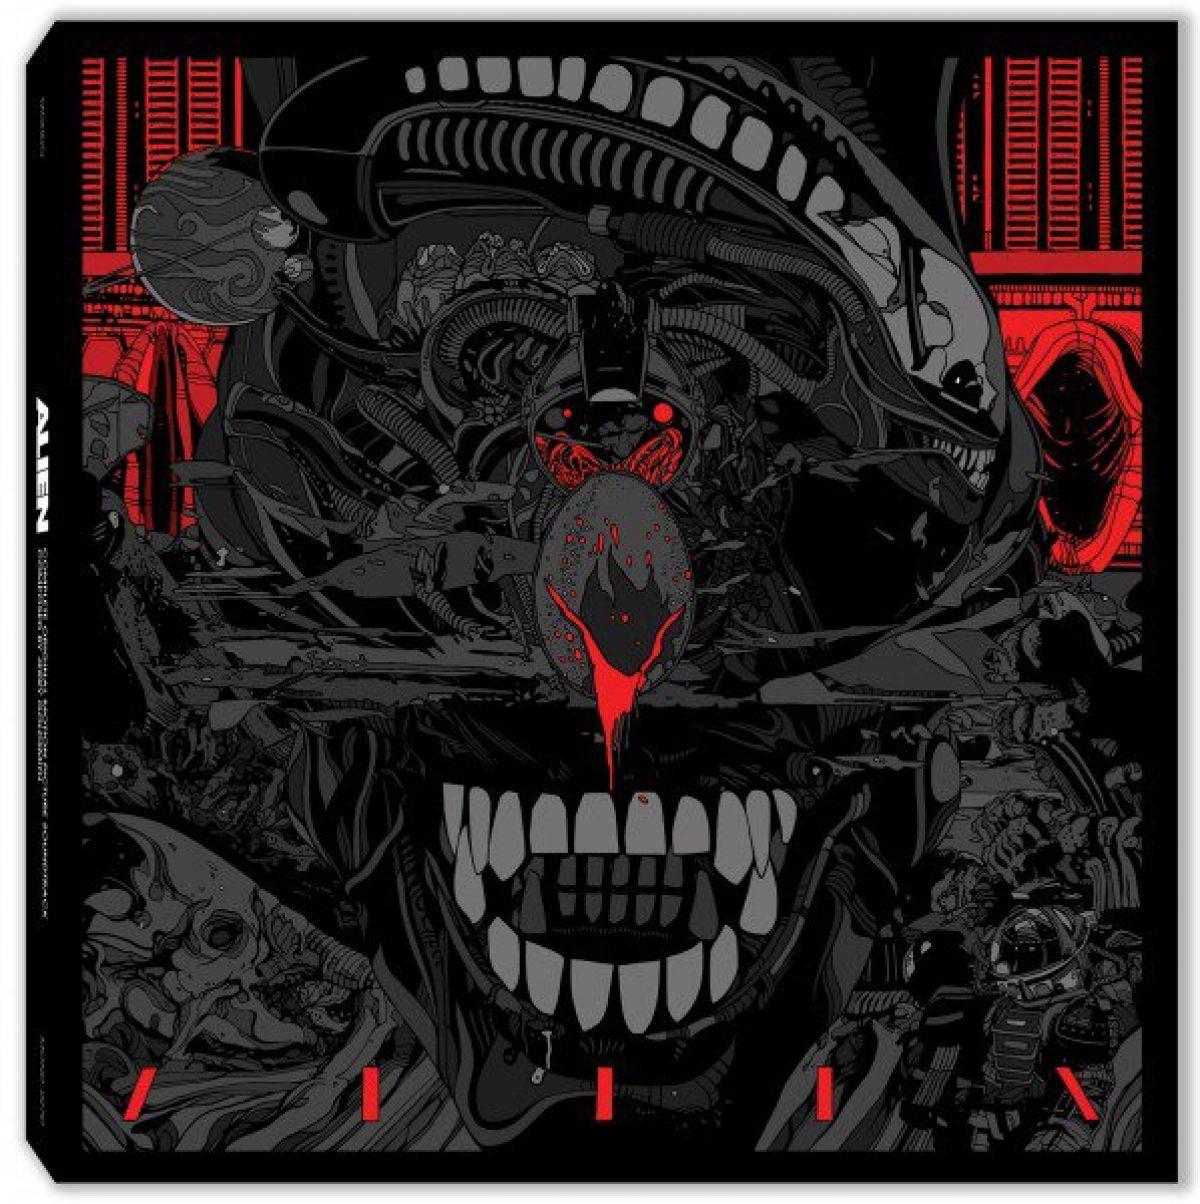 Mondo announces <em>Alien</em> soundtrack reissue on quadruple vinyl